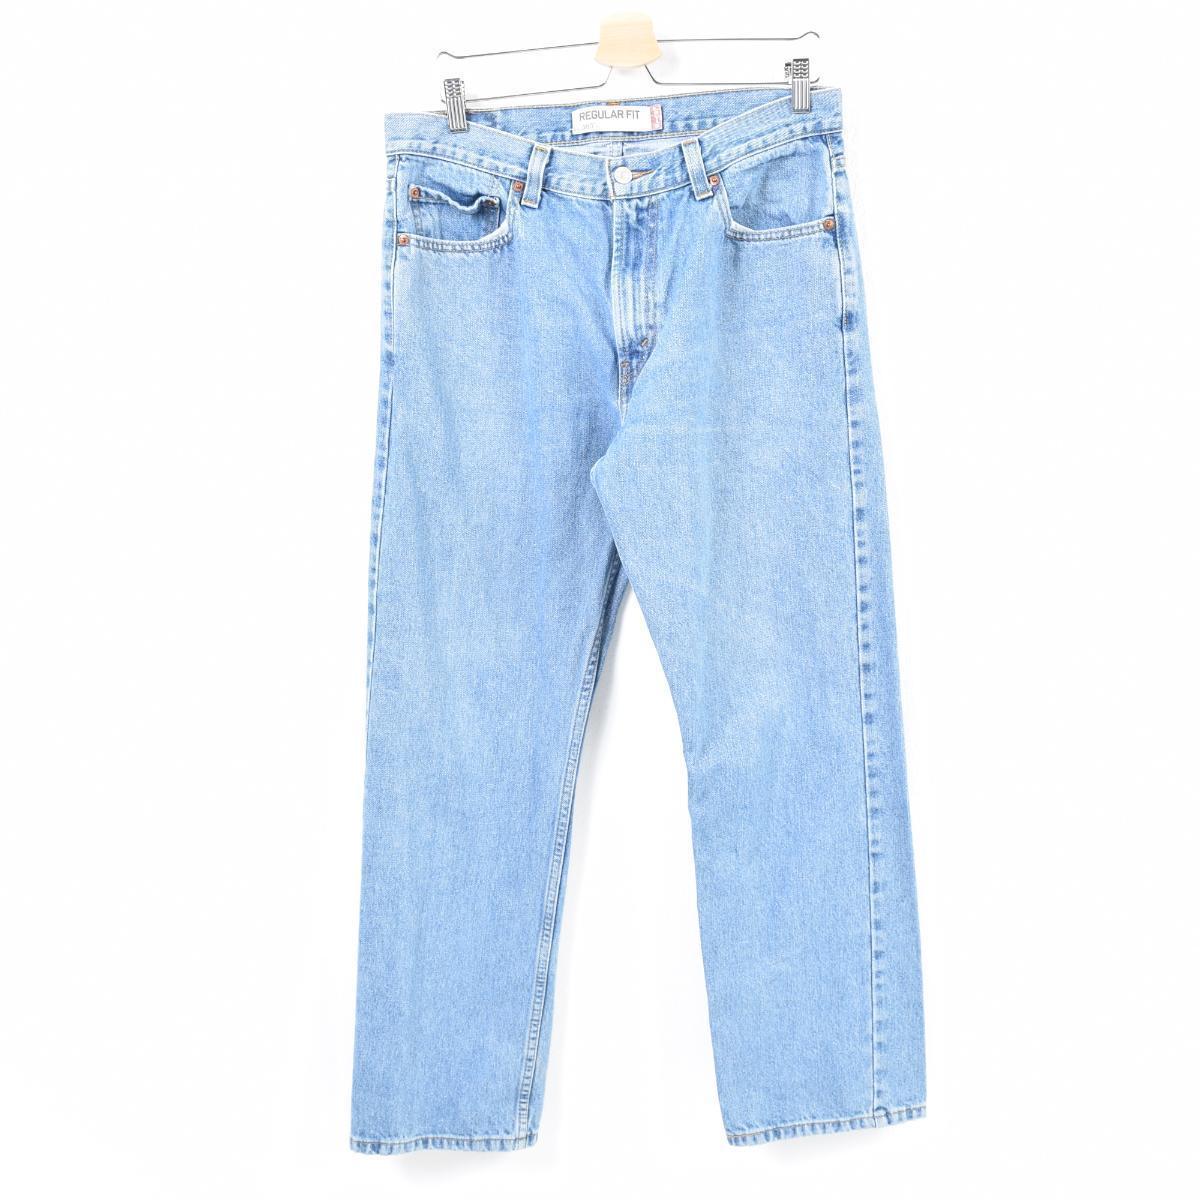 メンズファッション, ズボン・パンツ  Levis 505 REGULAR FIT w35 wan4992 180219GS1911